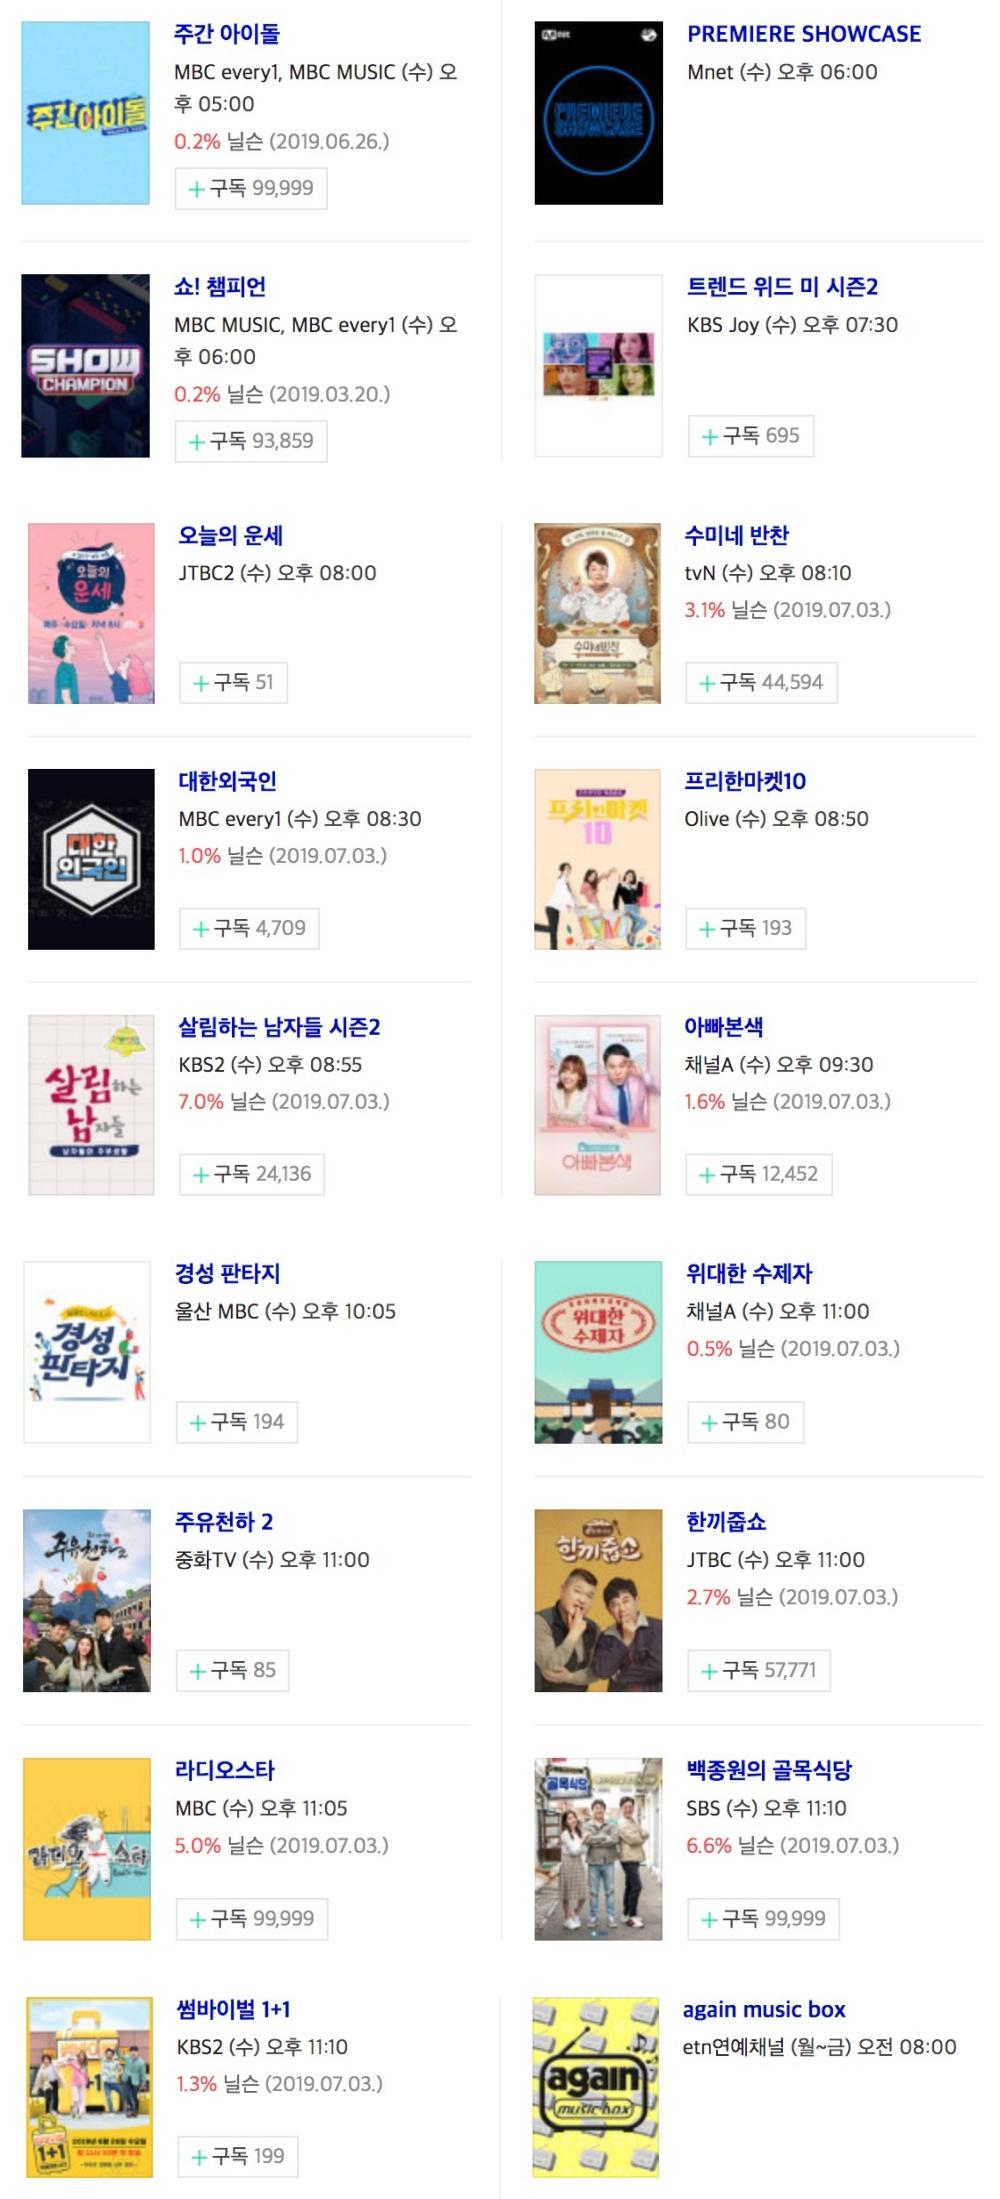 [수요일 예능] 10일 오후 주요 예능 프로그램 편성표-지난주 시청률은?